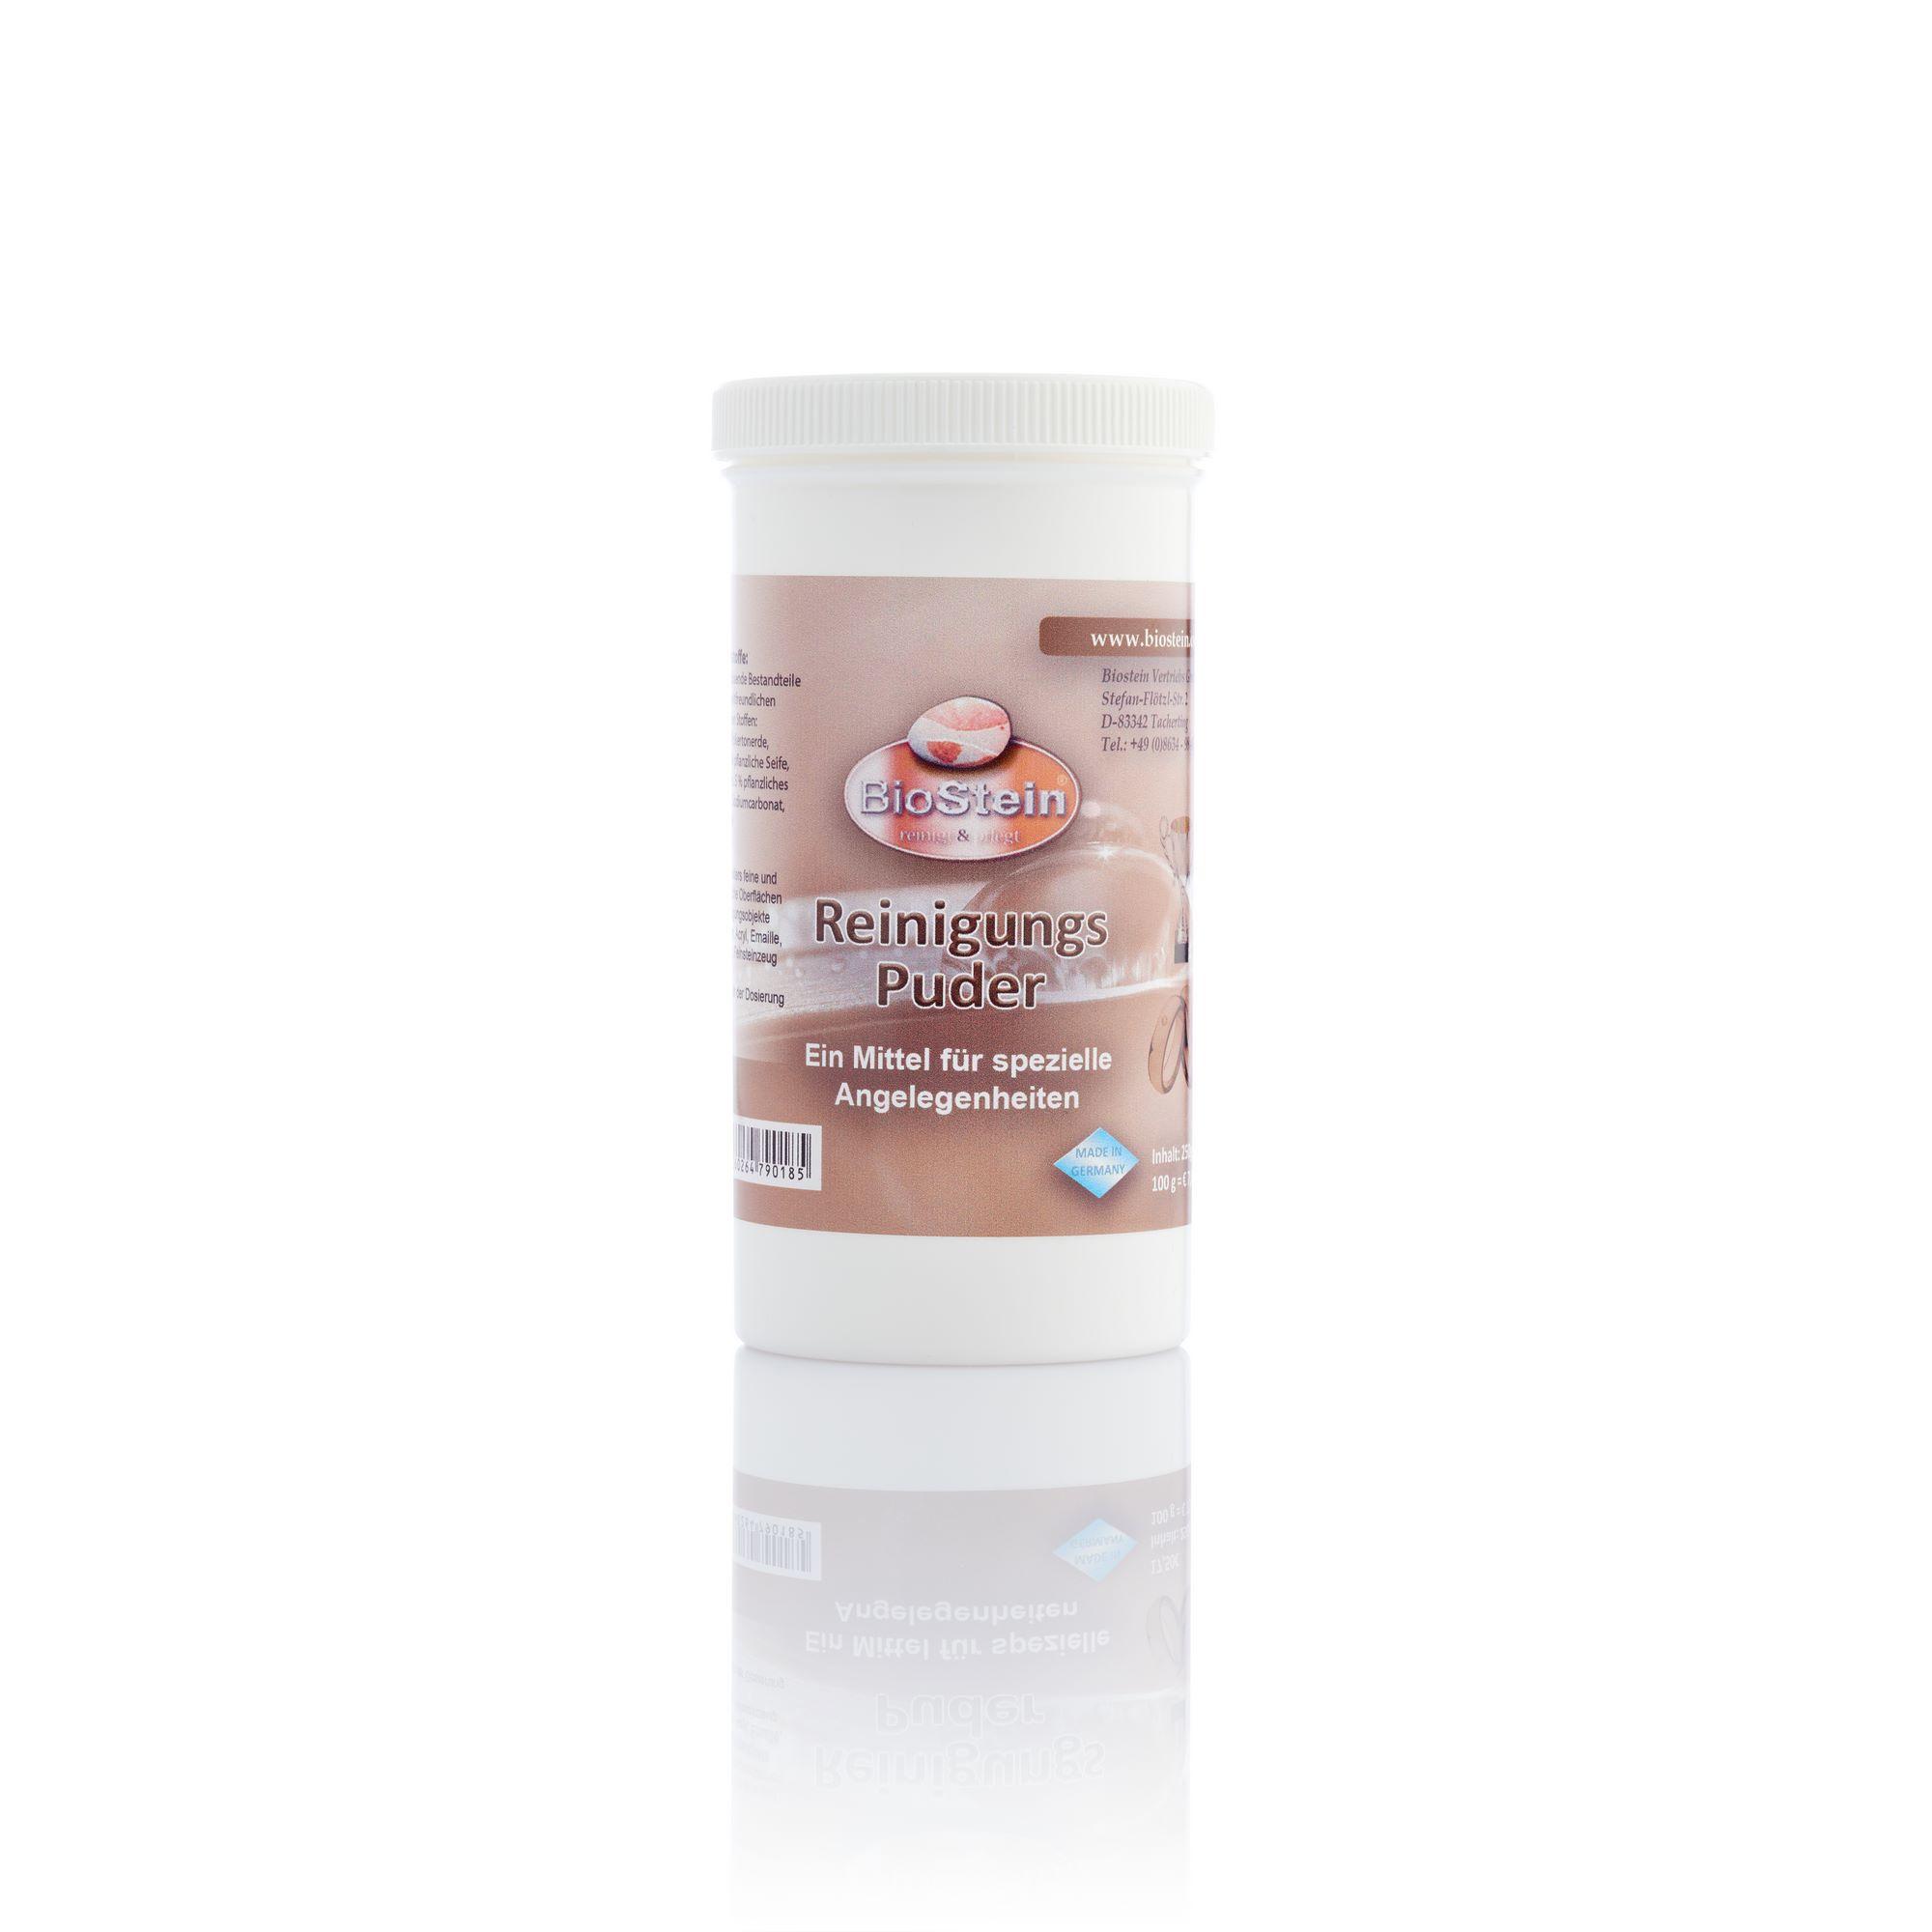 Biostein Reinigungspuder - 250 g